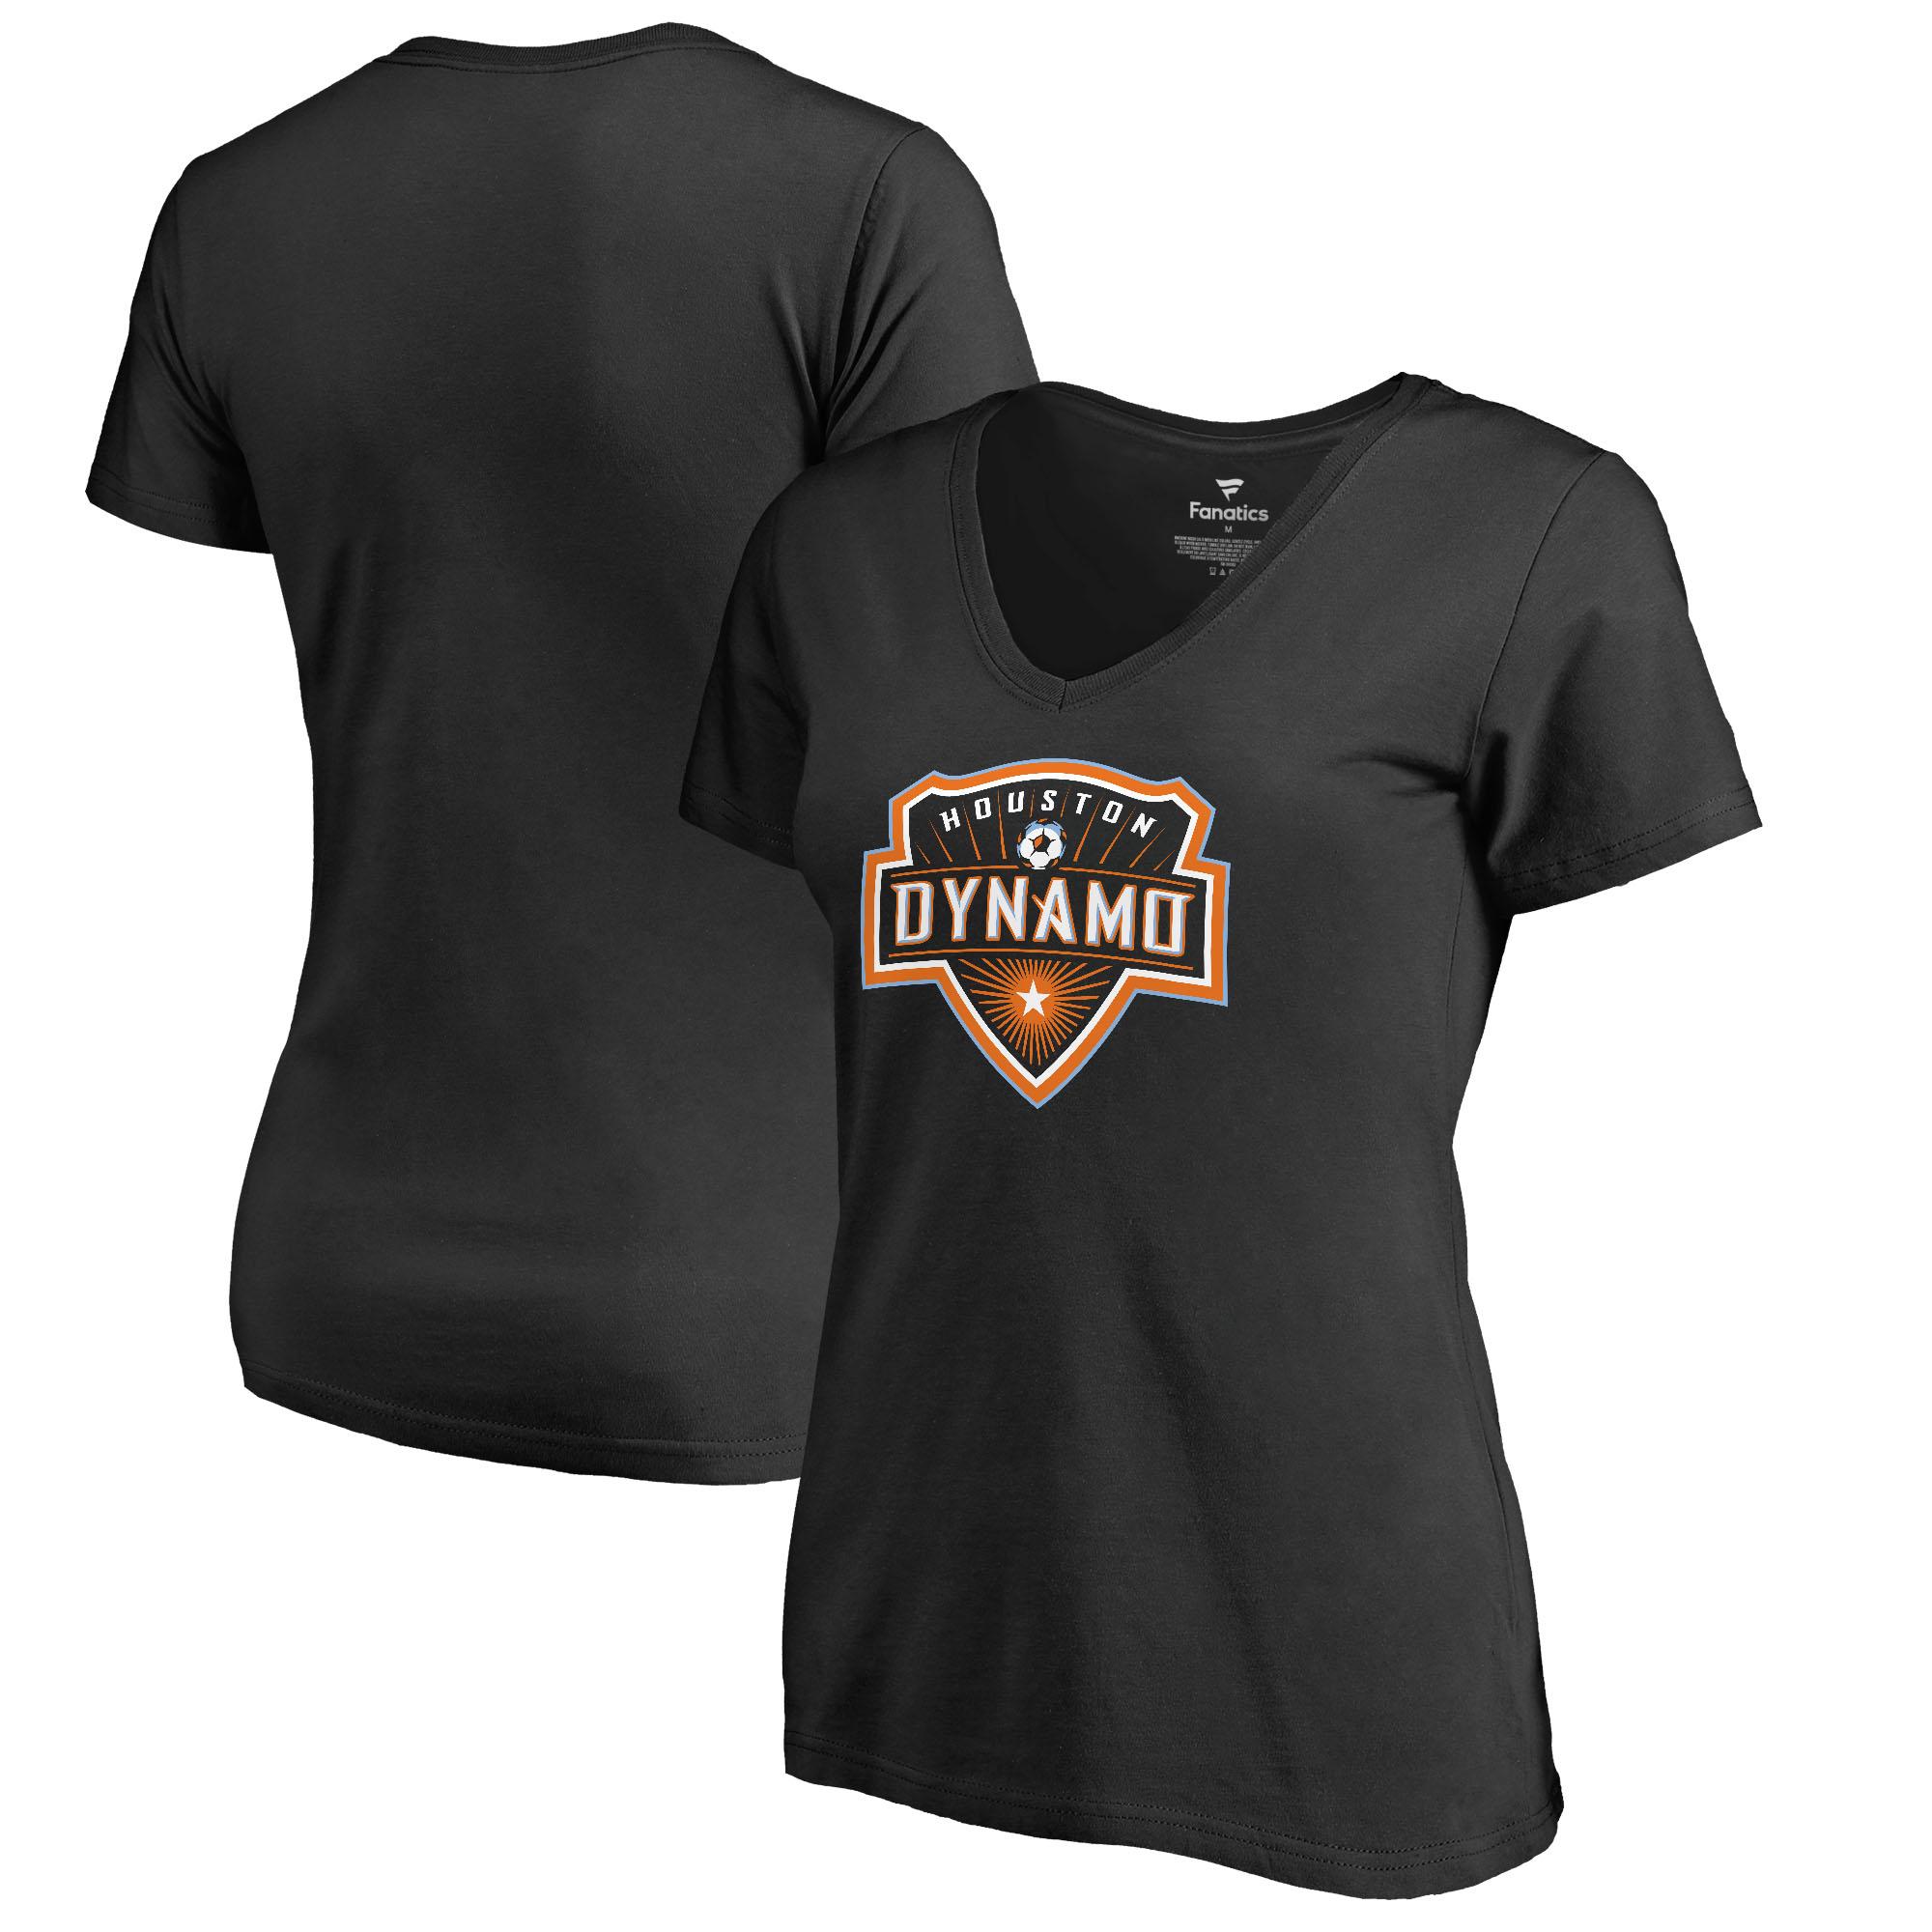 Houston Dynamo Fanatics Branded Women's Primary Logo V-Neck T-Shirt - Black